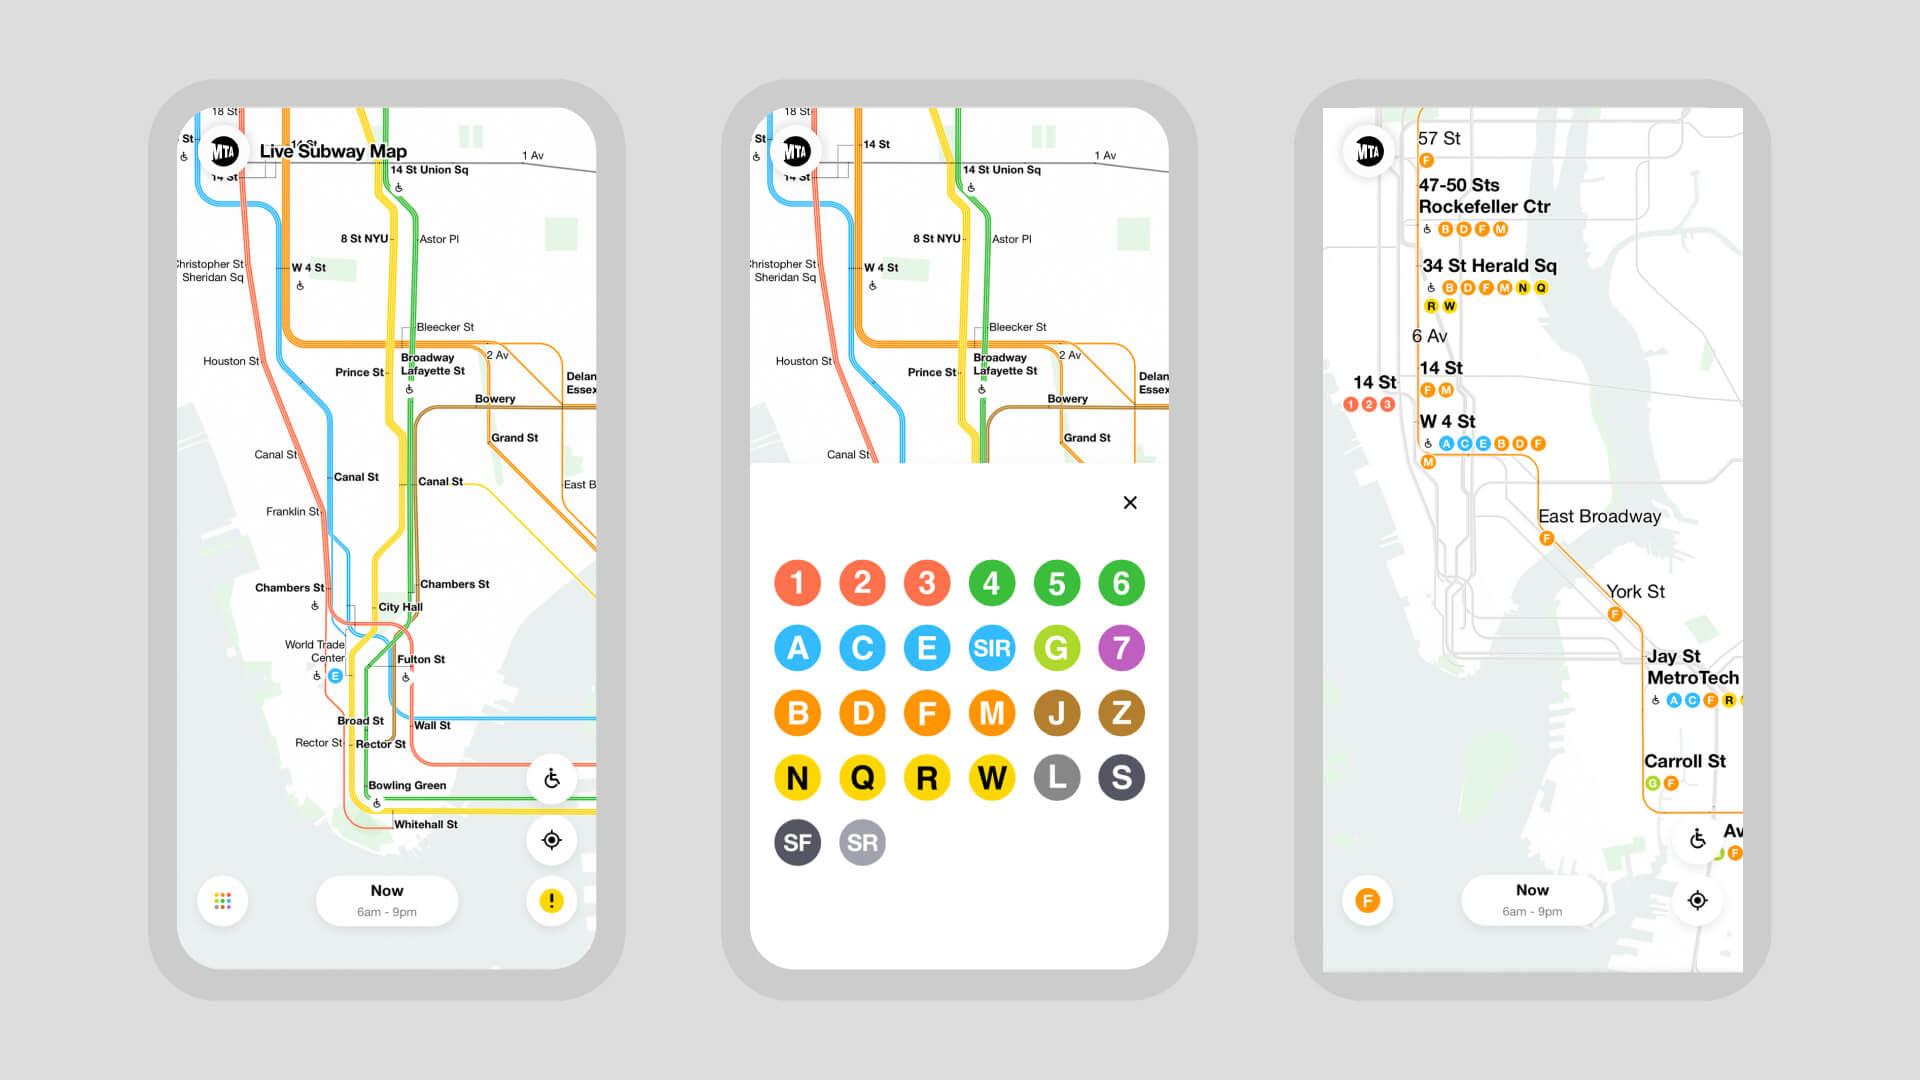 MTA_Mobile_FTrain